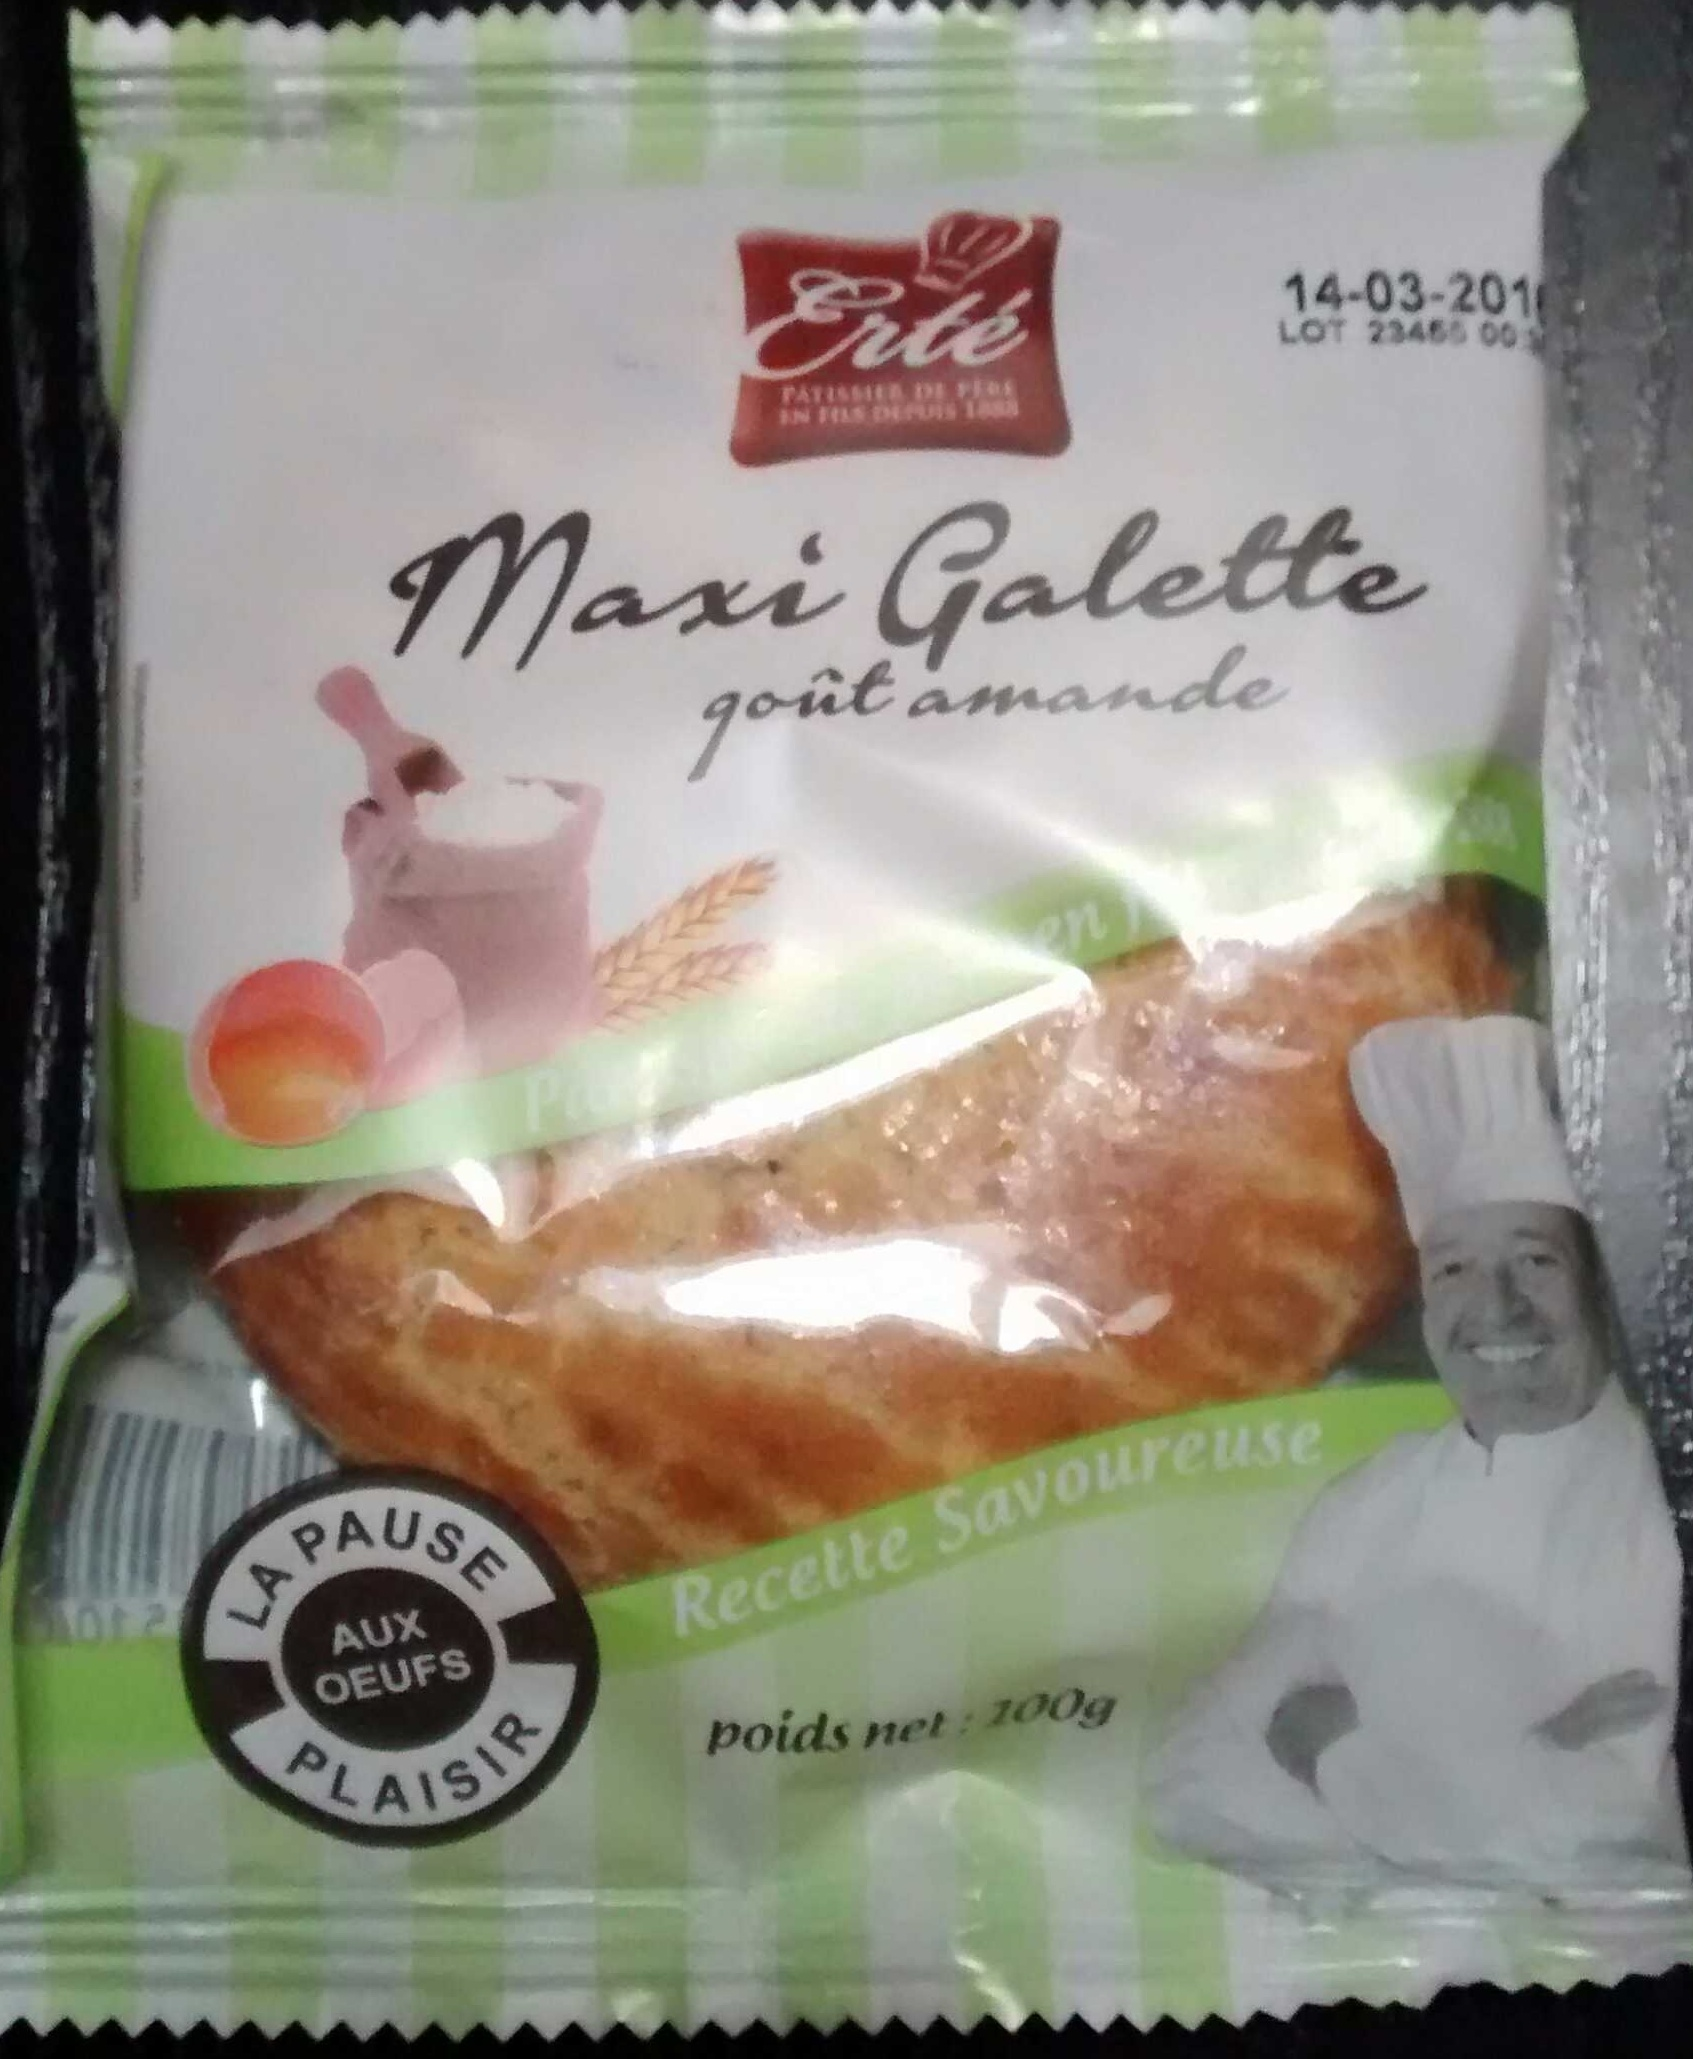 Maxi Galette au goût Amande - Product - fr